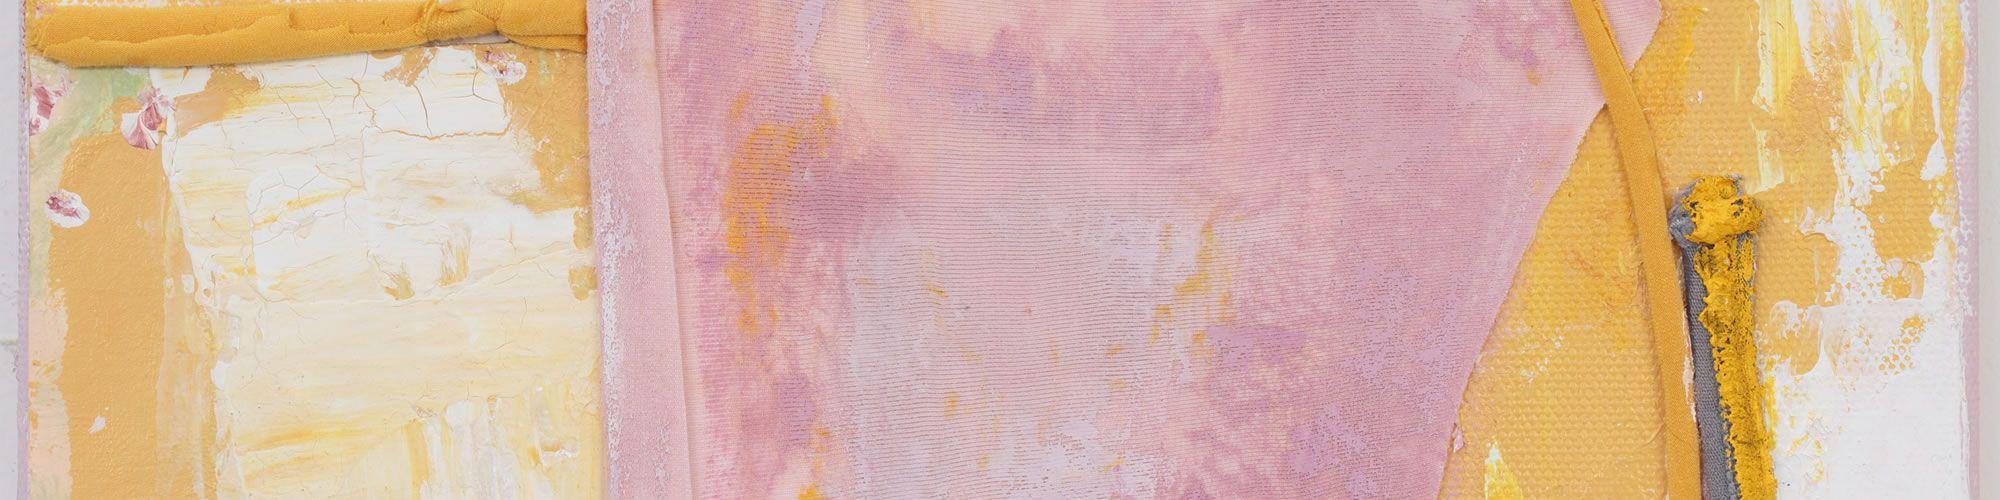 Anna Caione  Giallo e Rosa II, 2018, fabric _ Acrylic on canvas, 25cmx20cm